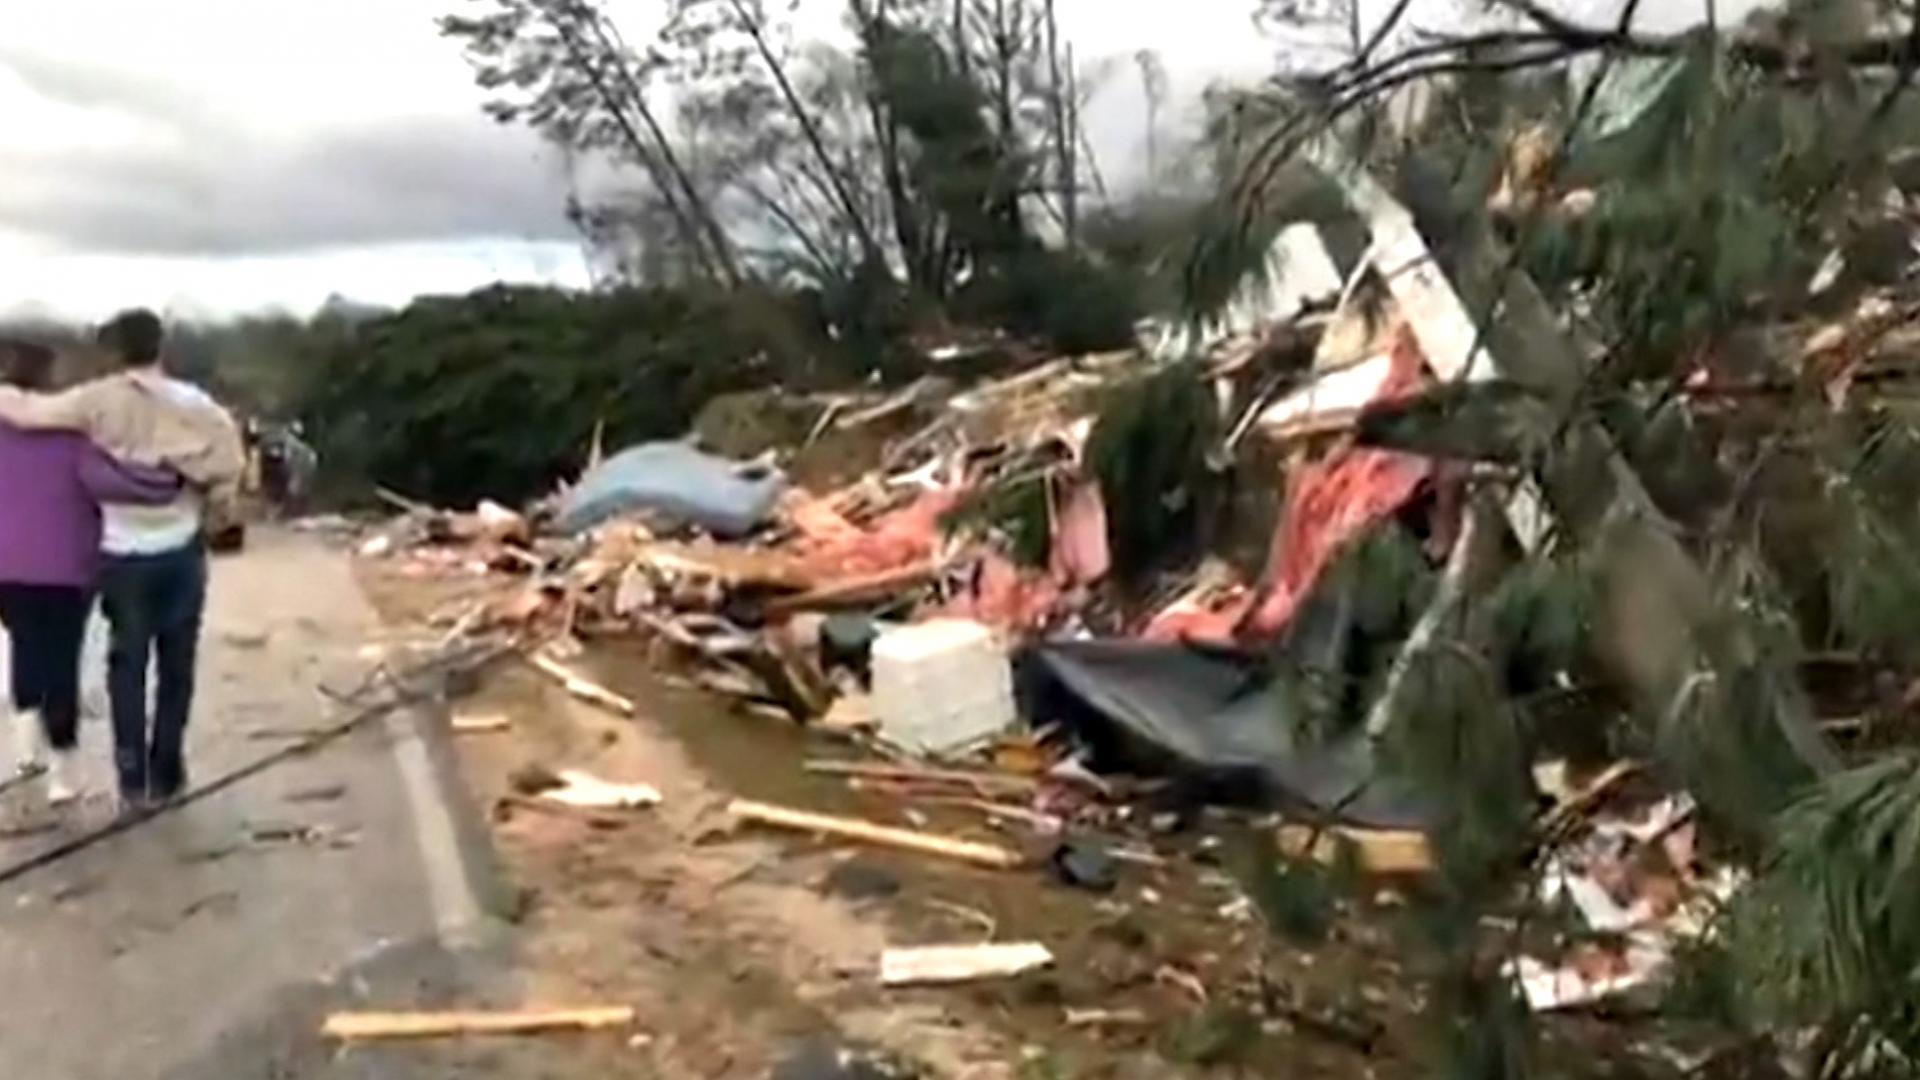 عشرات القتلى والجرحى جراء أعاصير في ولايتي ألاباما وجورجيا